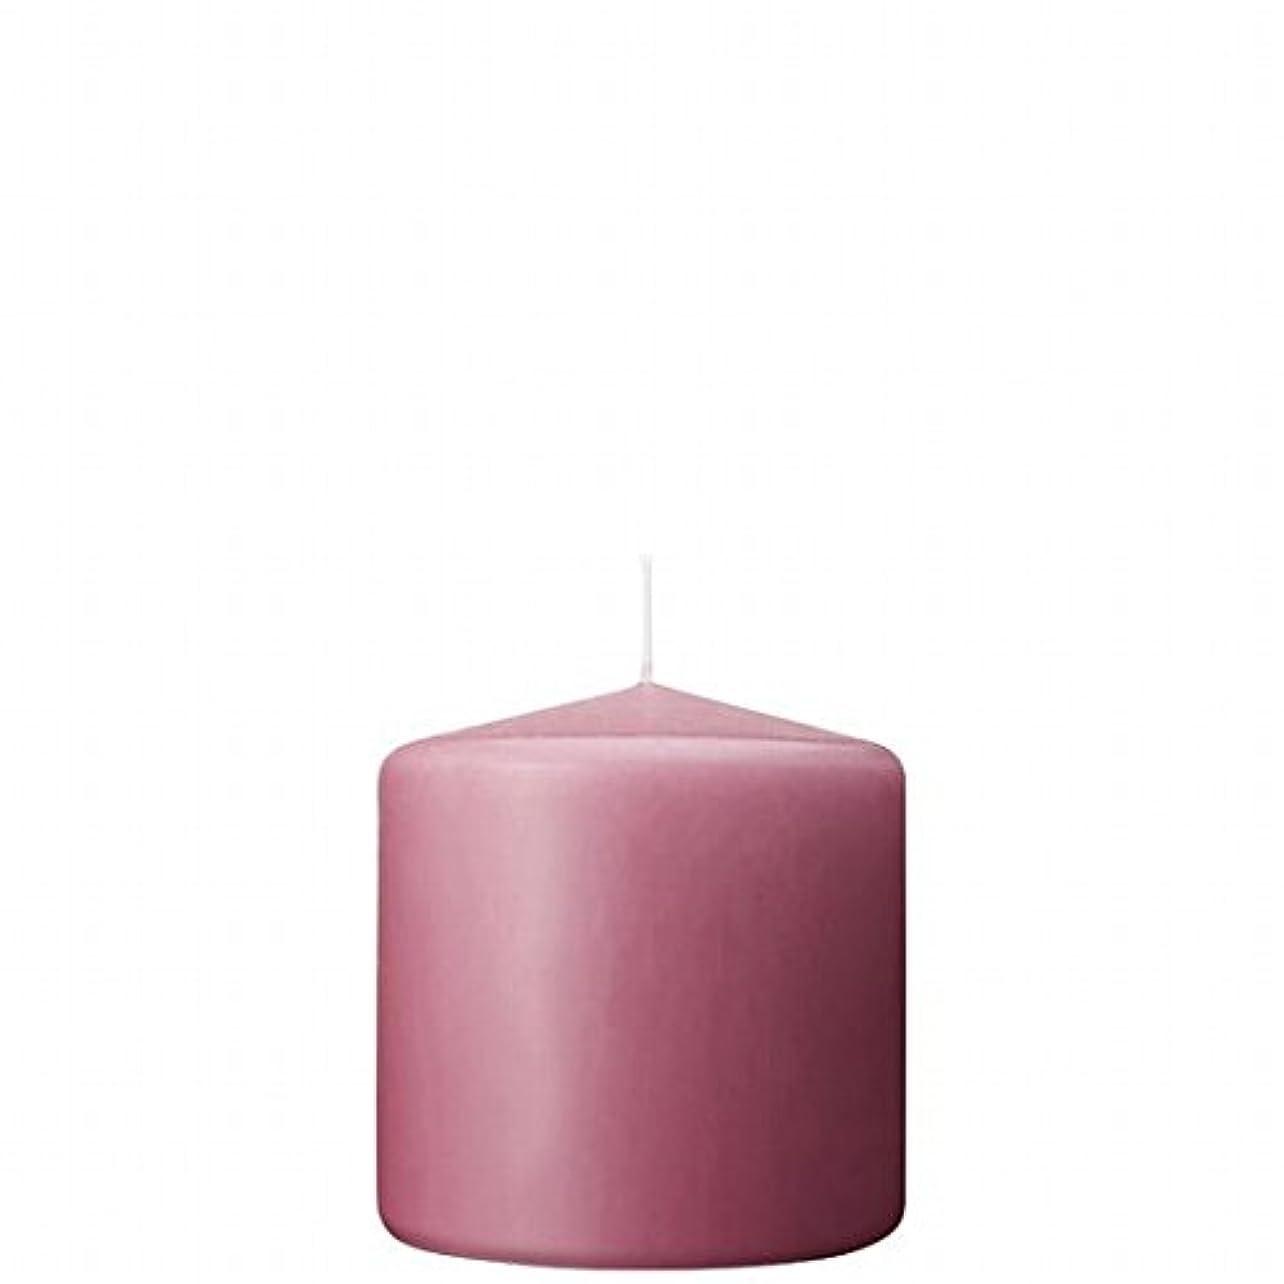 ボンドうつトラックカメヤマキャンドル(kameyama candle) 3×3ベルトップピラーキャンドル 「 ラベンダークリーム 」